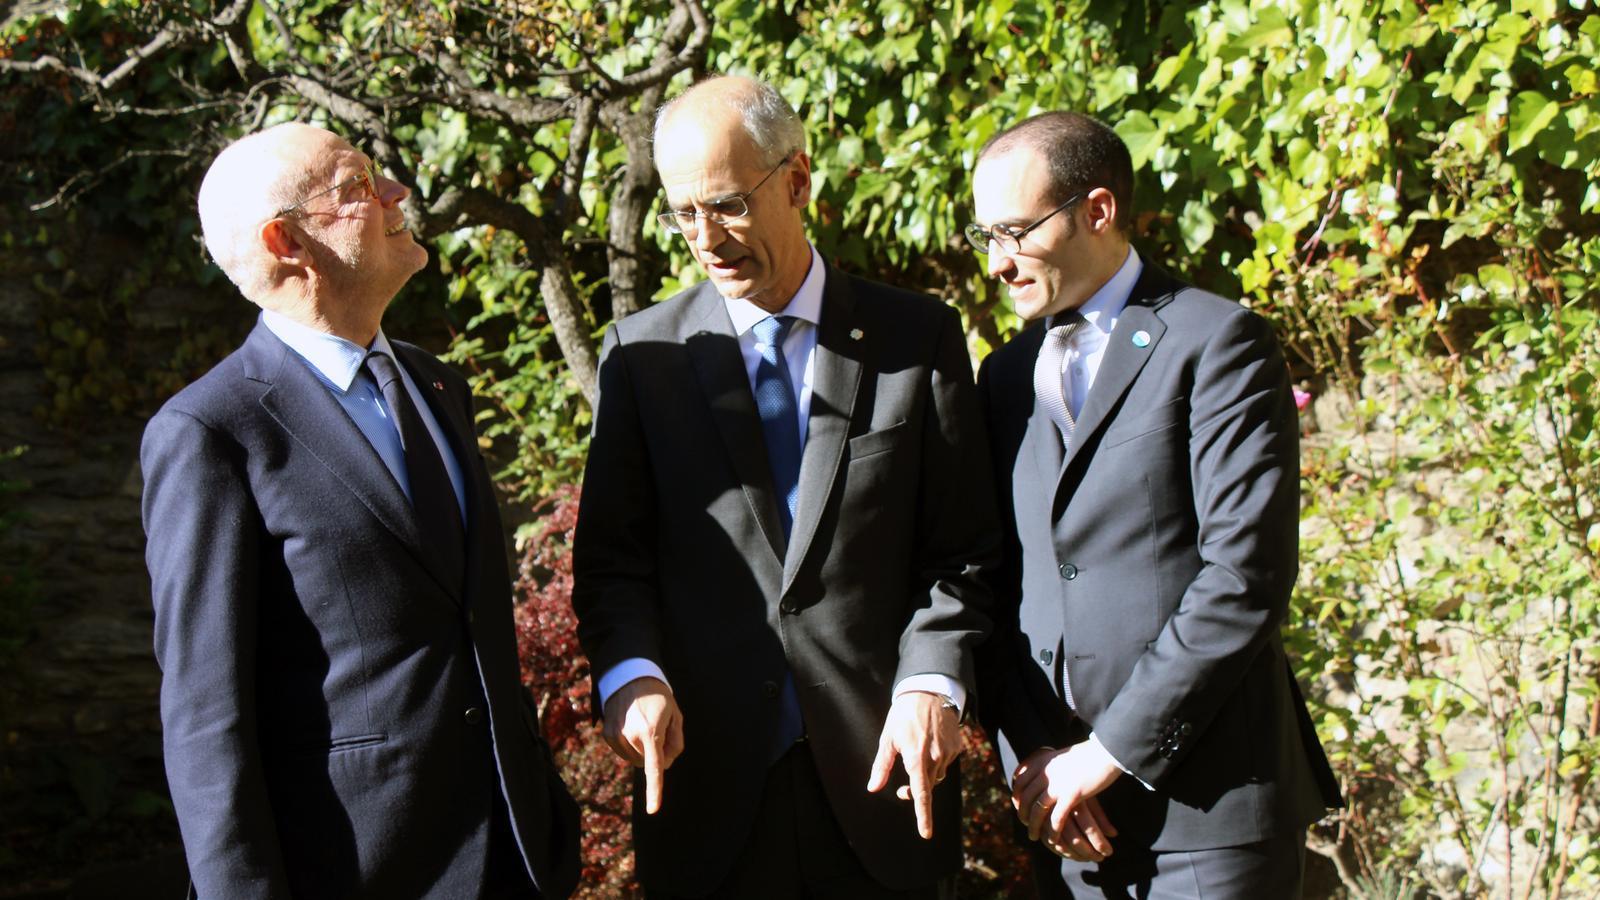 El ministre d'Estat de Mònaco, Serge Telle; el cap de Govern, Toni Martí; i el secretari d'Afers Exteriors, d'Afers Polítics i de la Justícia de San Marino, Nicola Renzi, en acabar la jornada de reunions. / C.G. (ANA)